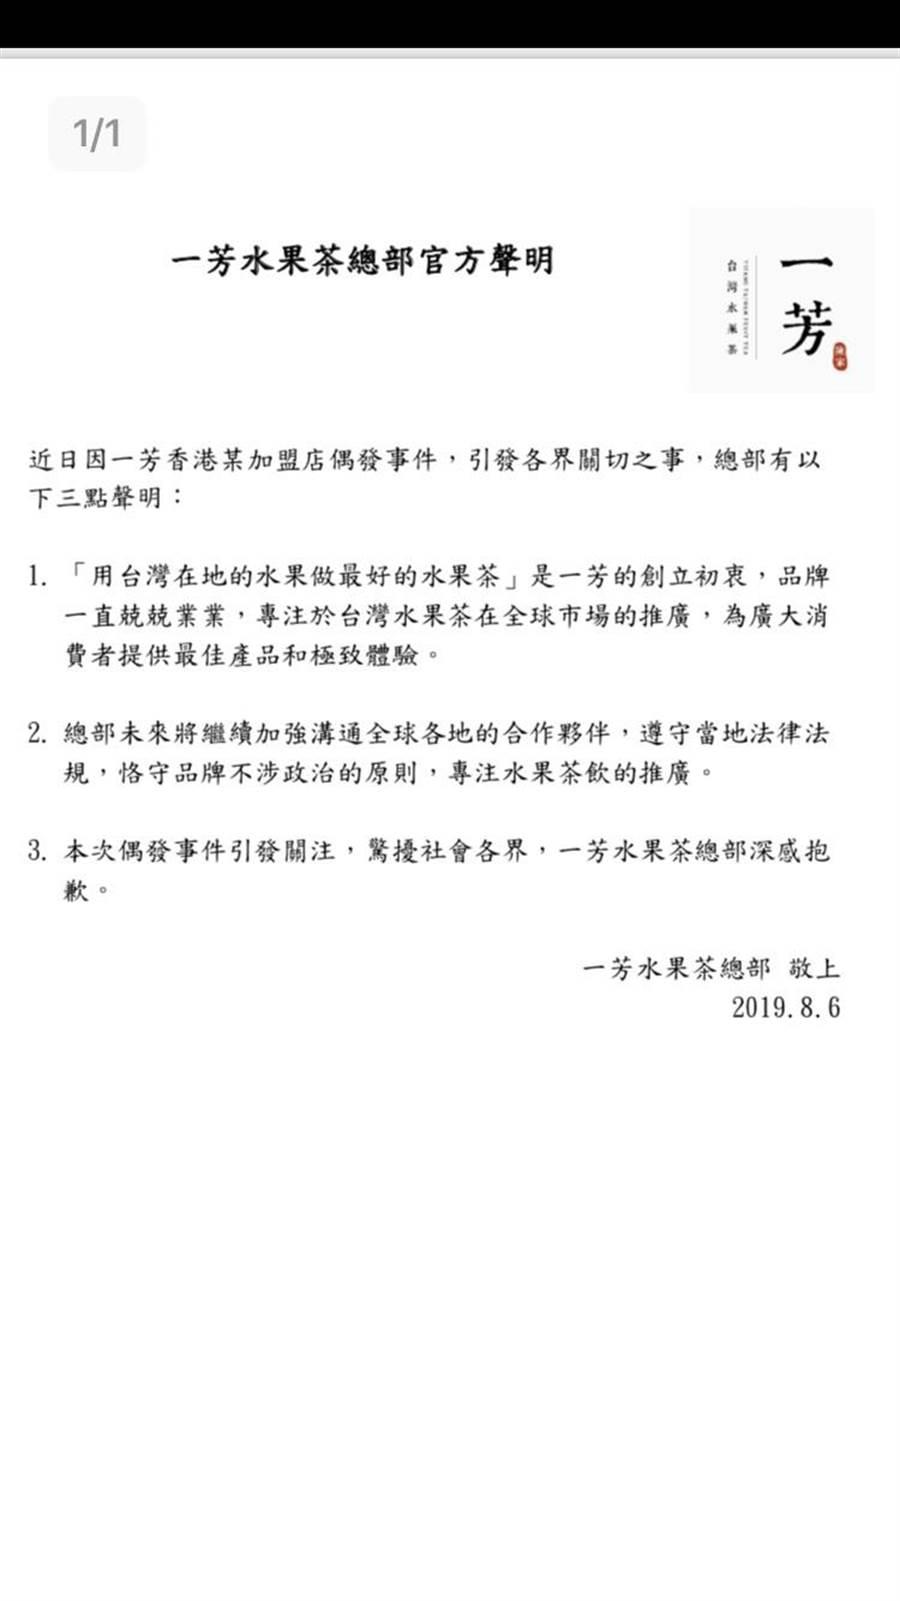 一芳水果茶台灣總部「墨力國際」發3點聲明,回應「香港某加盟店的偶發事件」。(王文吉攝)